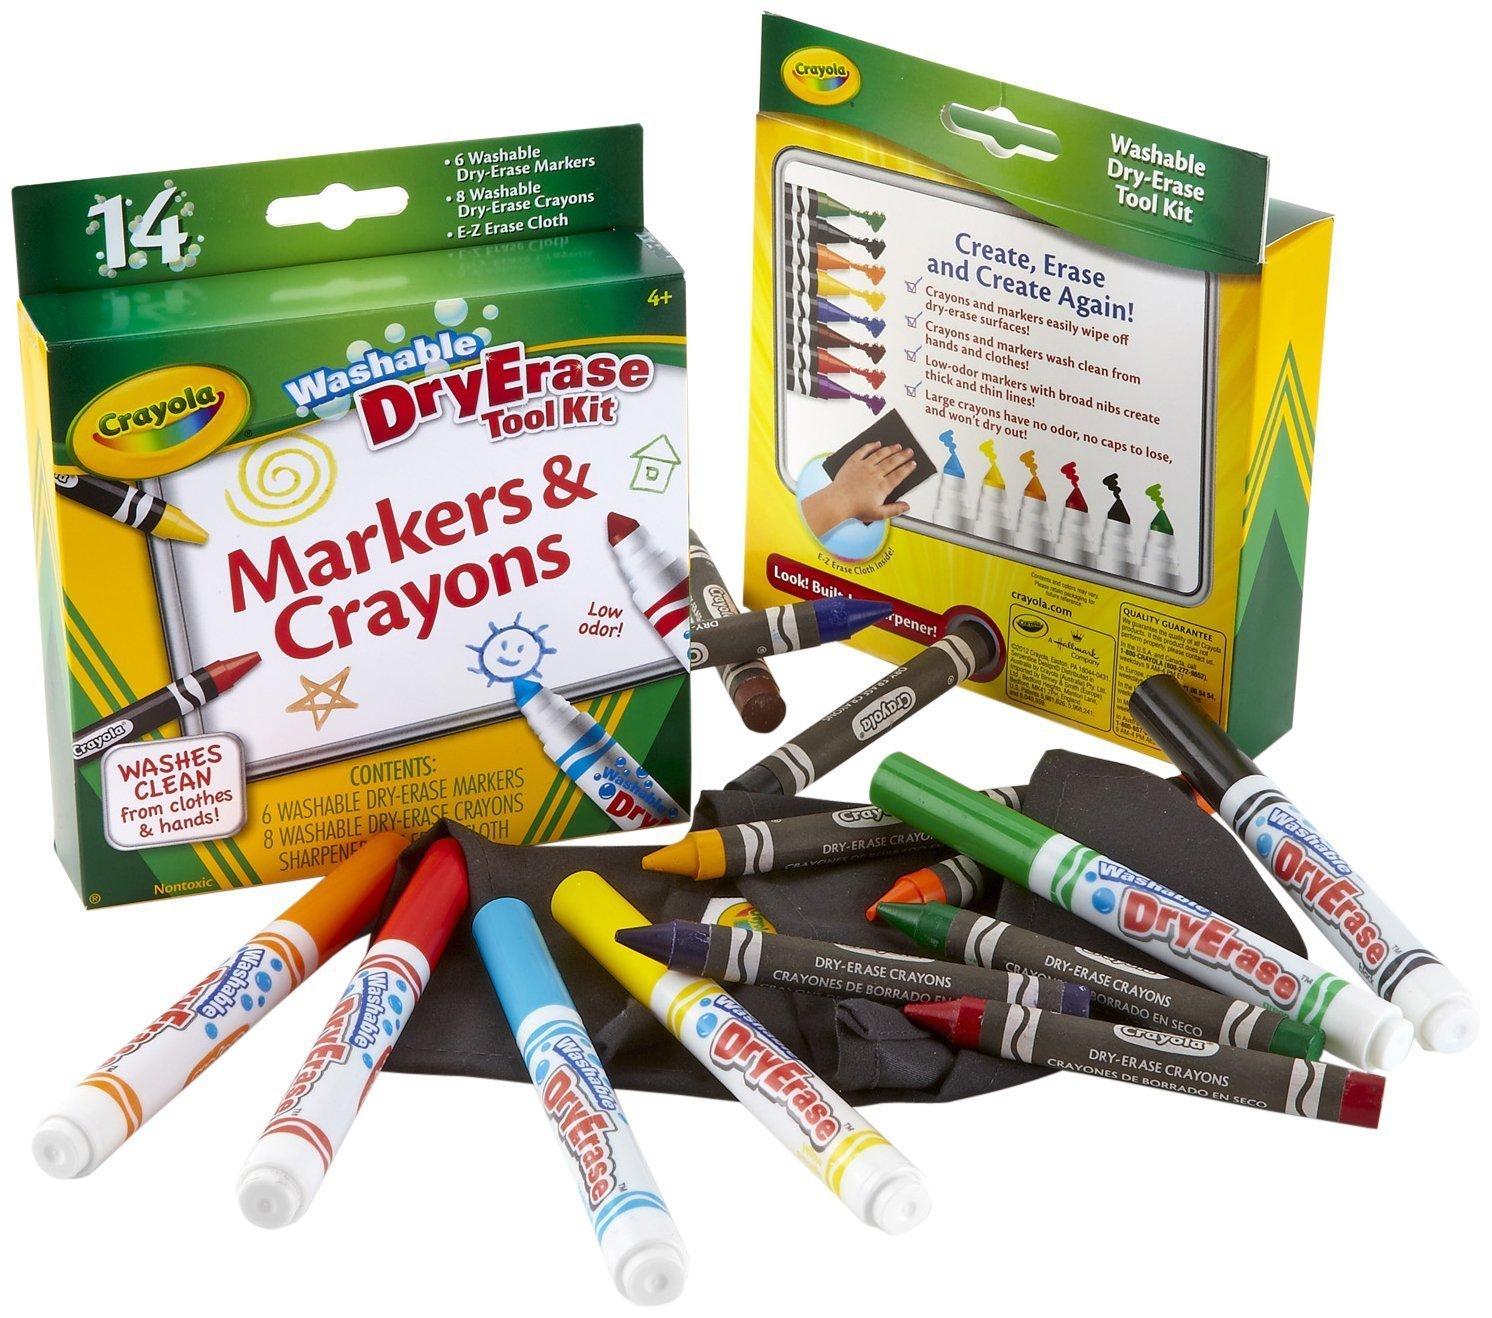 Crayola Dry Erase Markers Black Crayola Dry Erase Washable